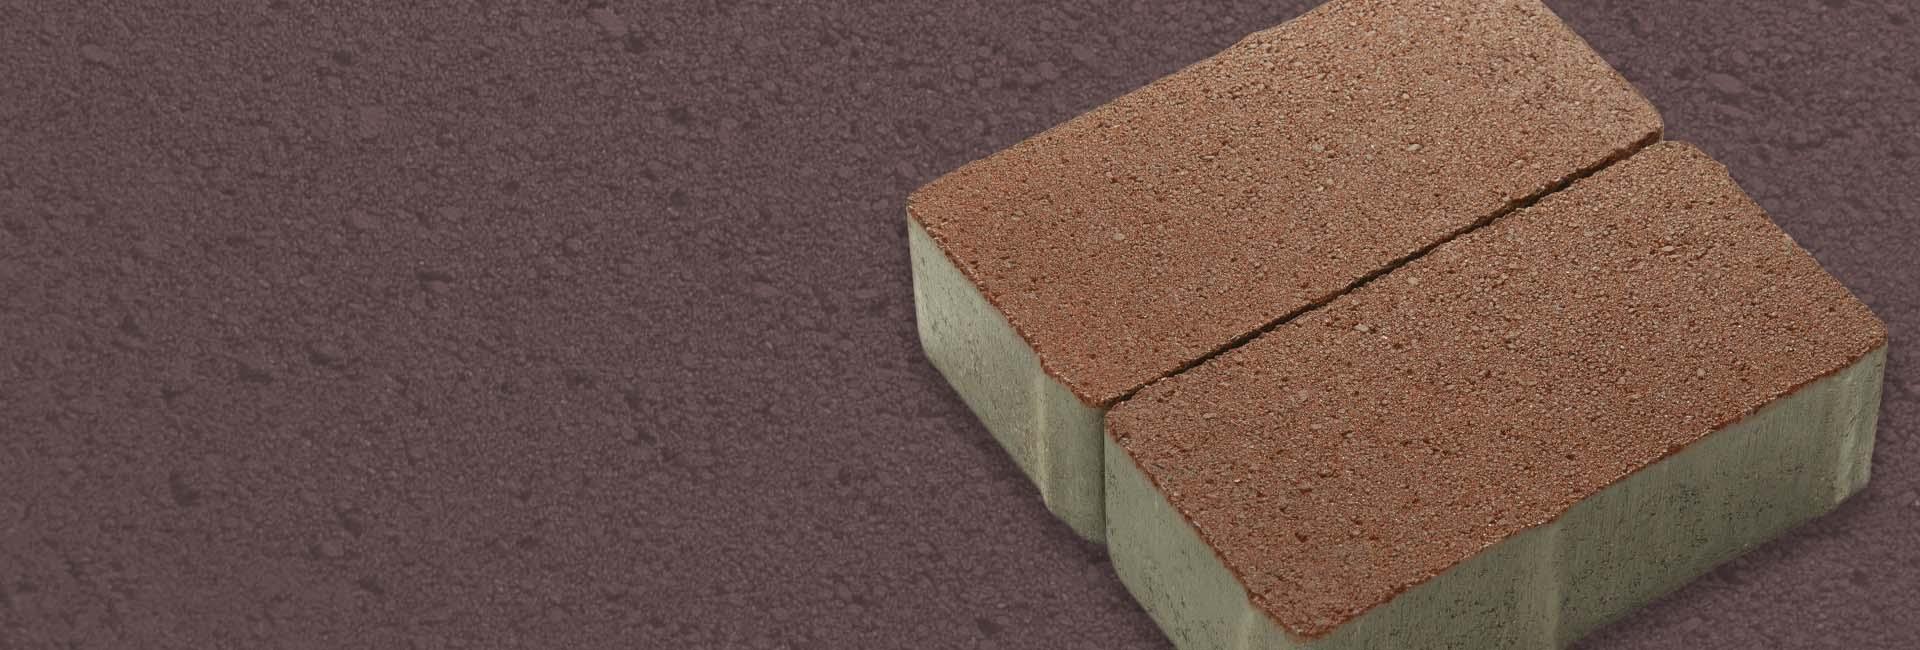 бетон вибропрессованием